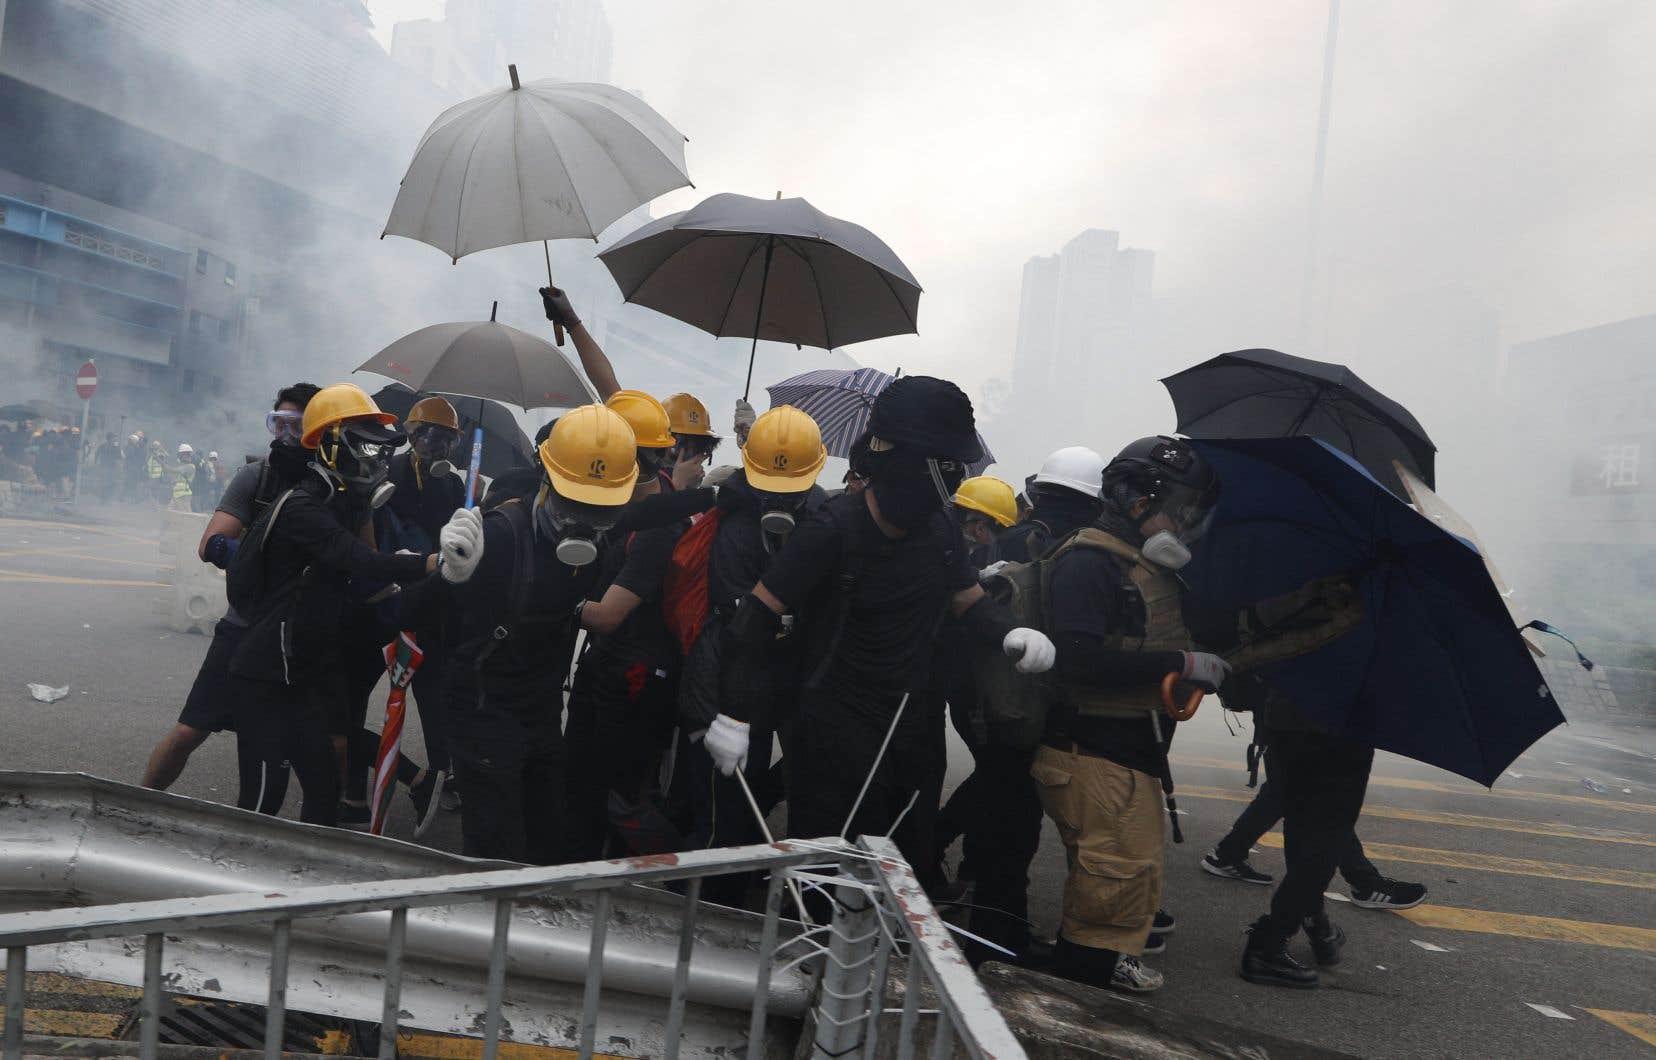 Les rues de Yuen Long ont été envahies par une mer de manifestants portant des parapluies.